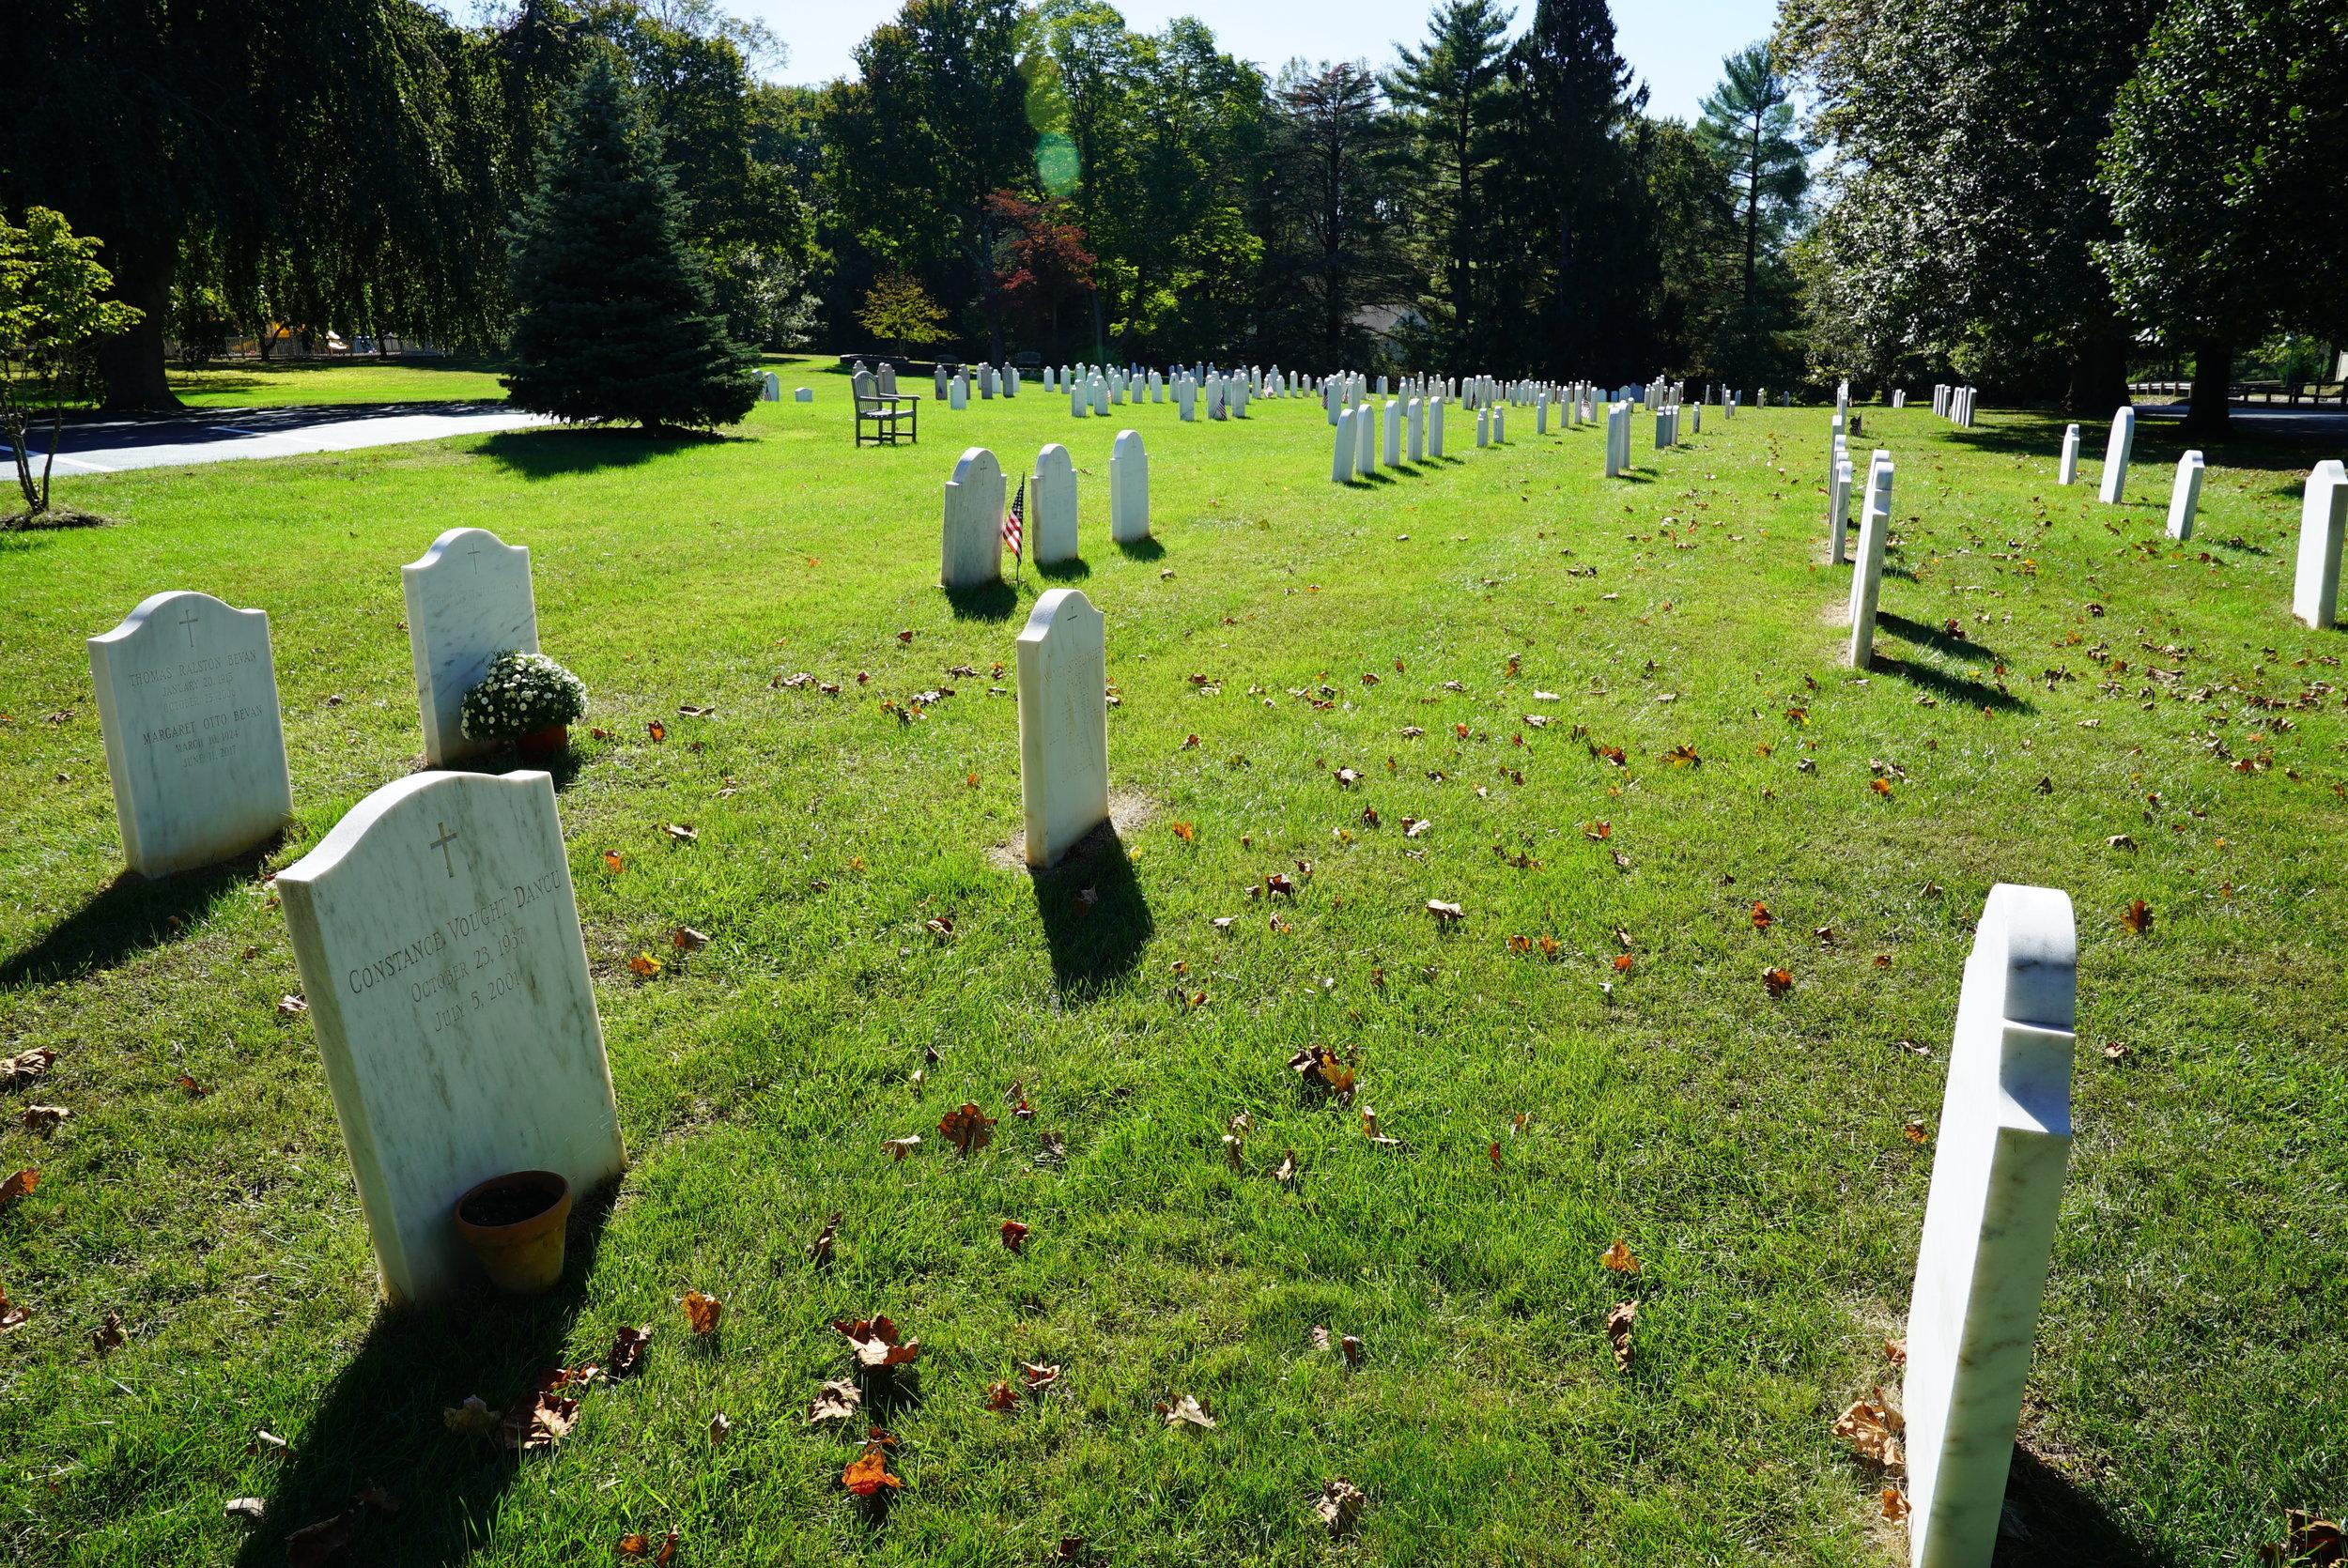 St. Christopher's Church Cemetery. Gladwyne, Pennsylvania.